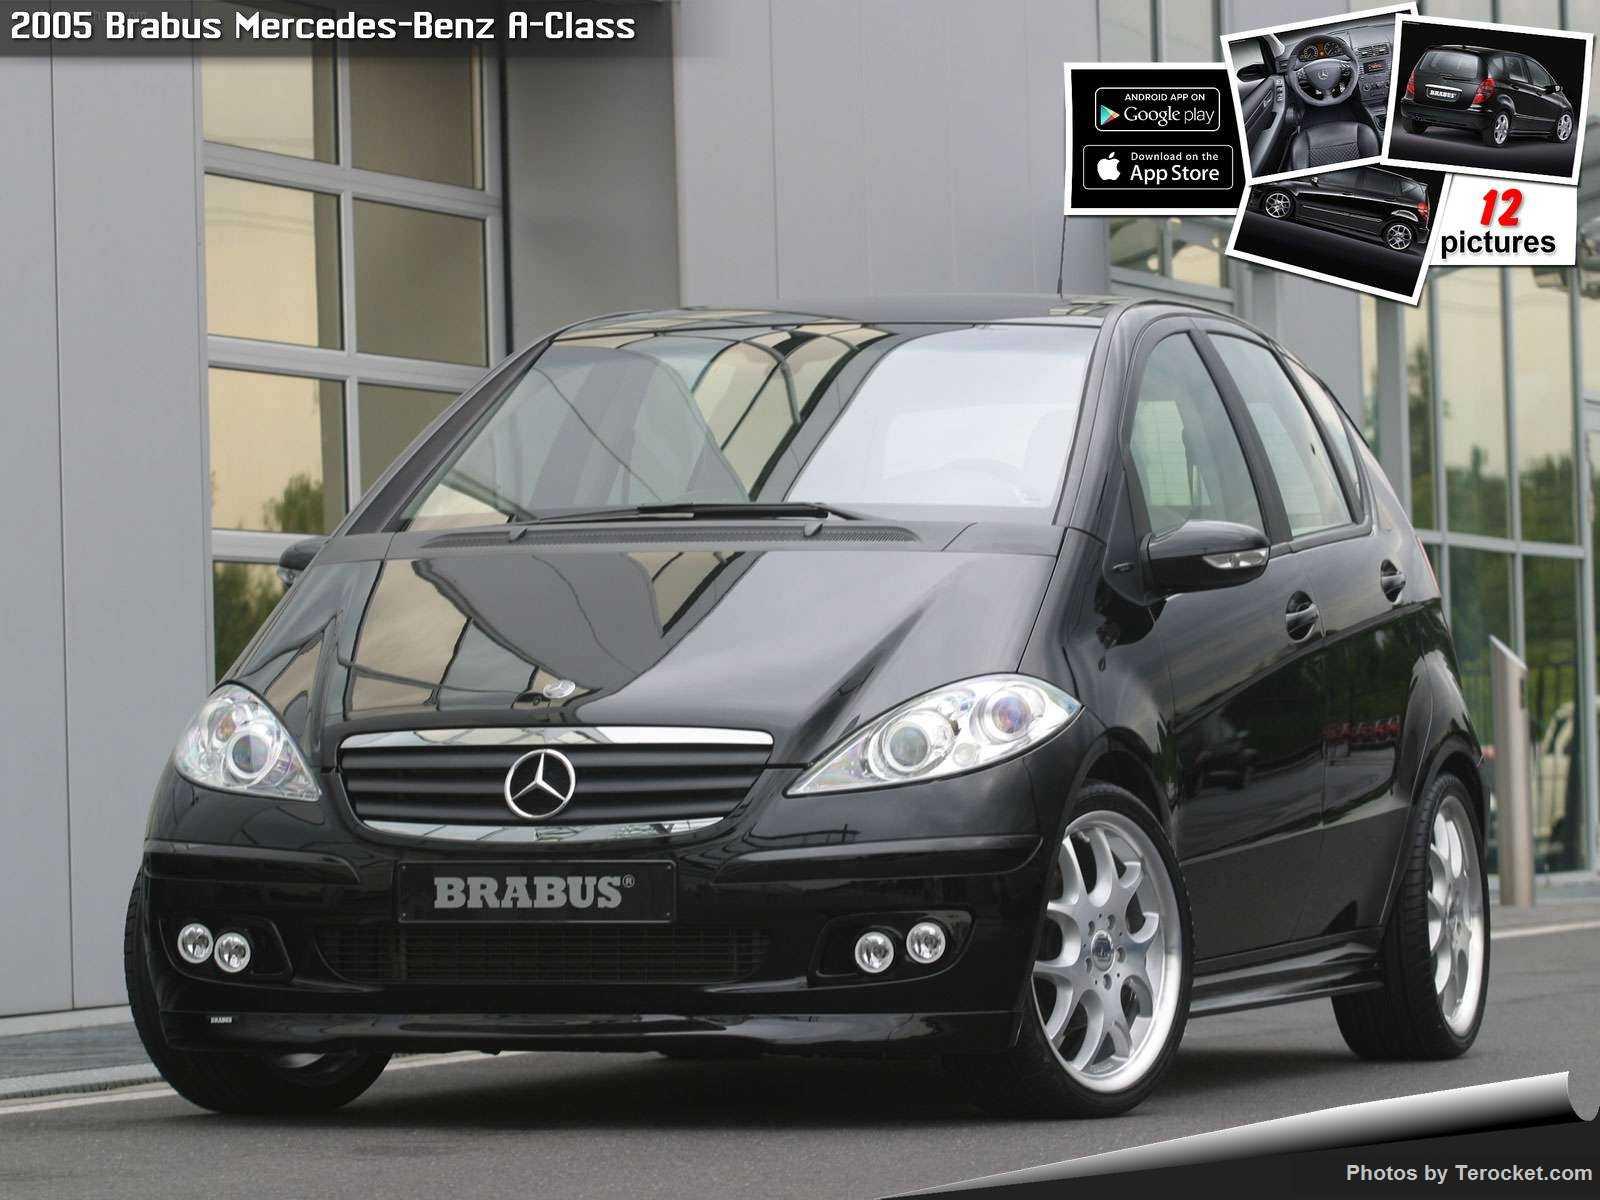 Hình ảnh xe ô tô Brabus Mercedes-Benz A-Class 2005 & nội ngoại thất